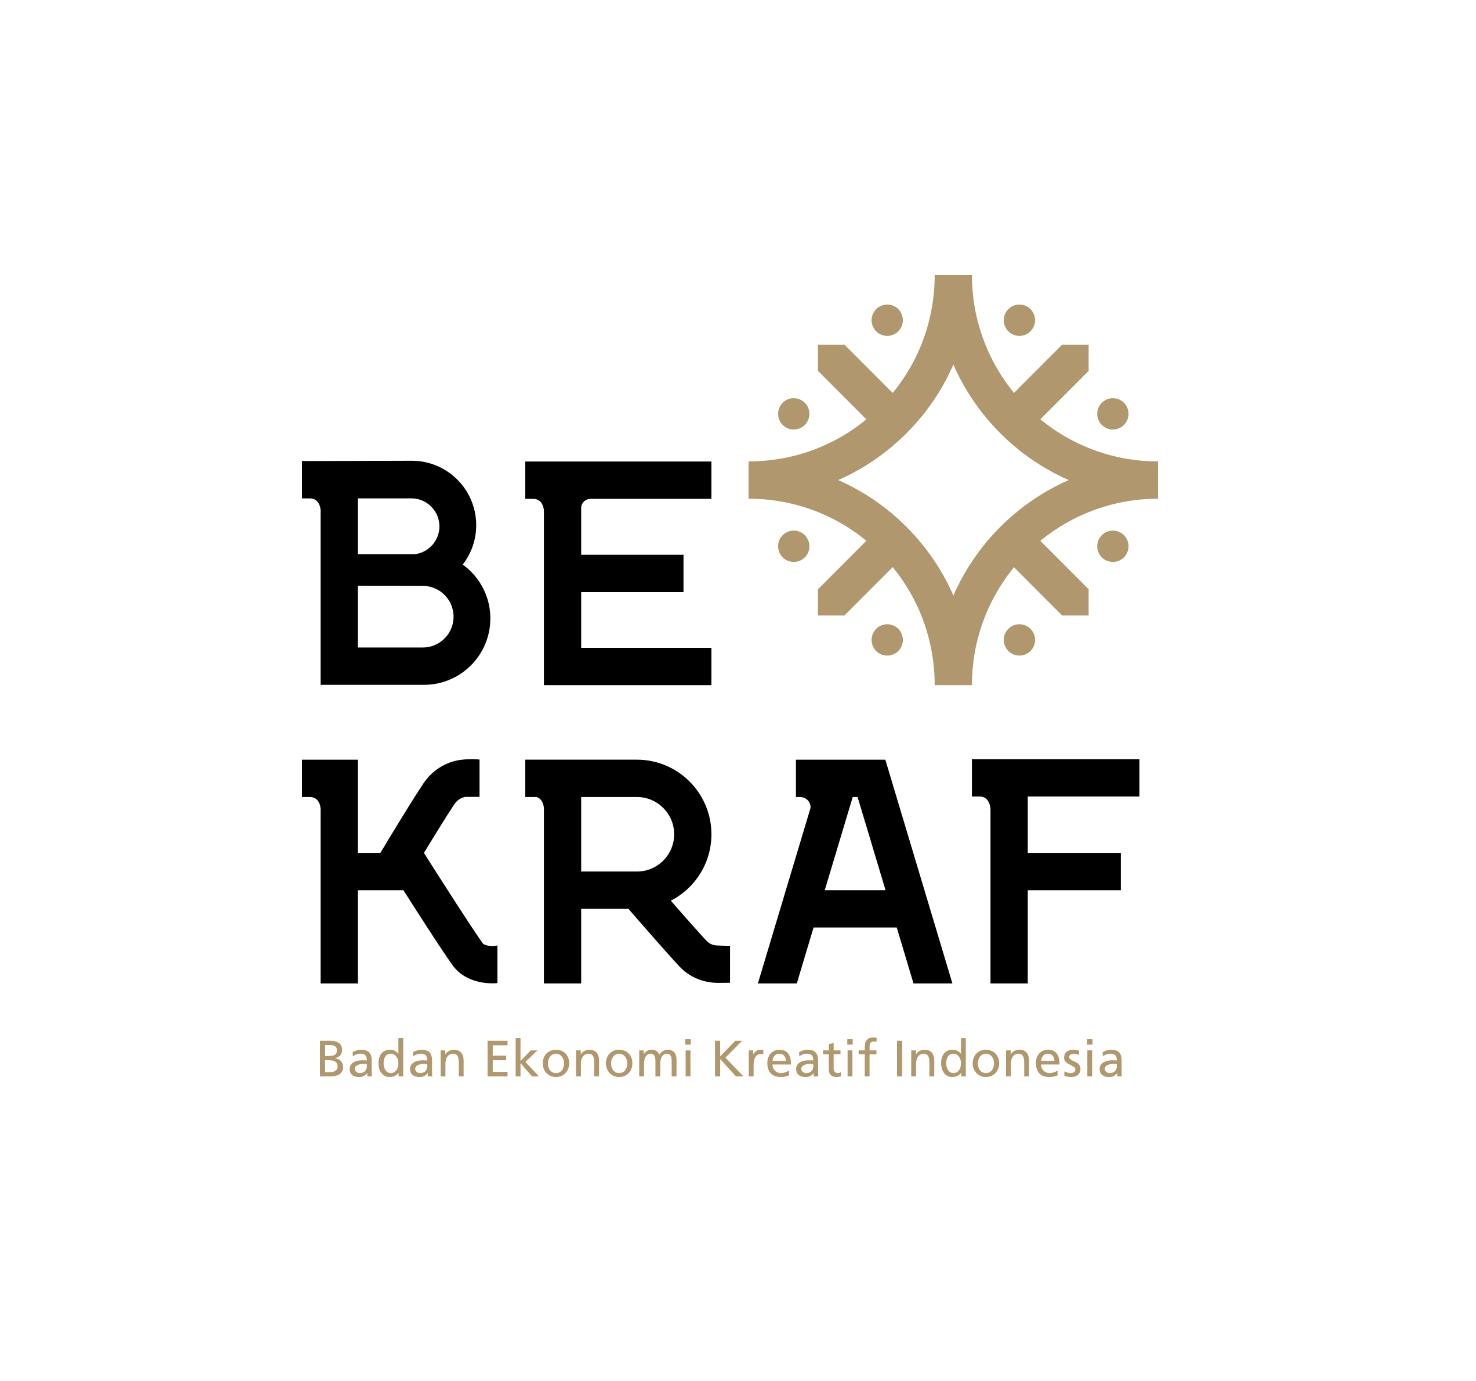 BEKRAF Developer Day 2019 - Gorontalo